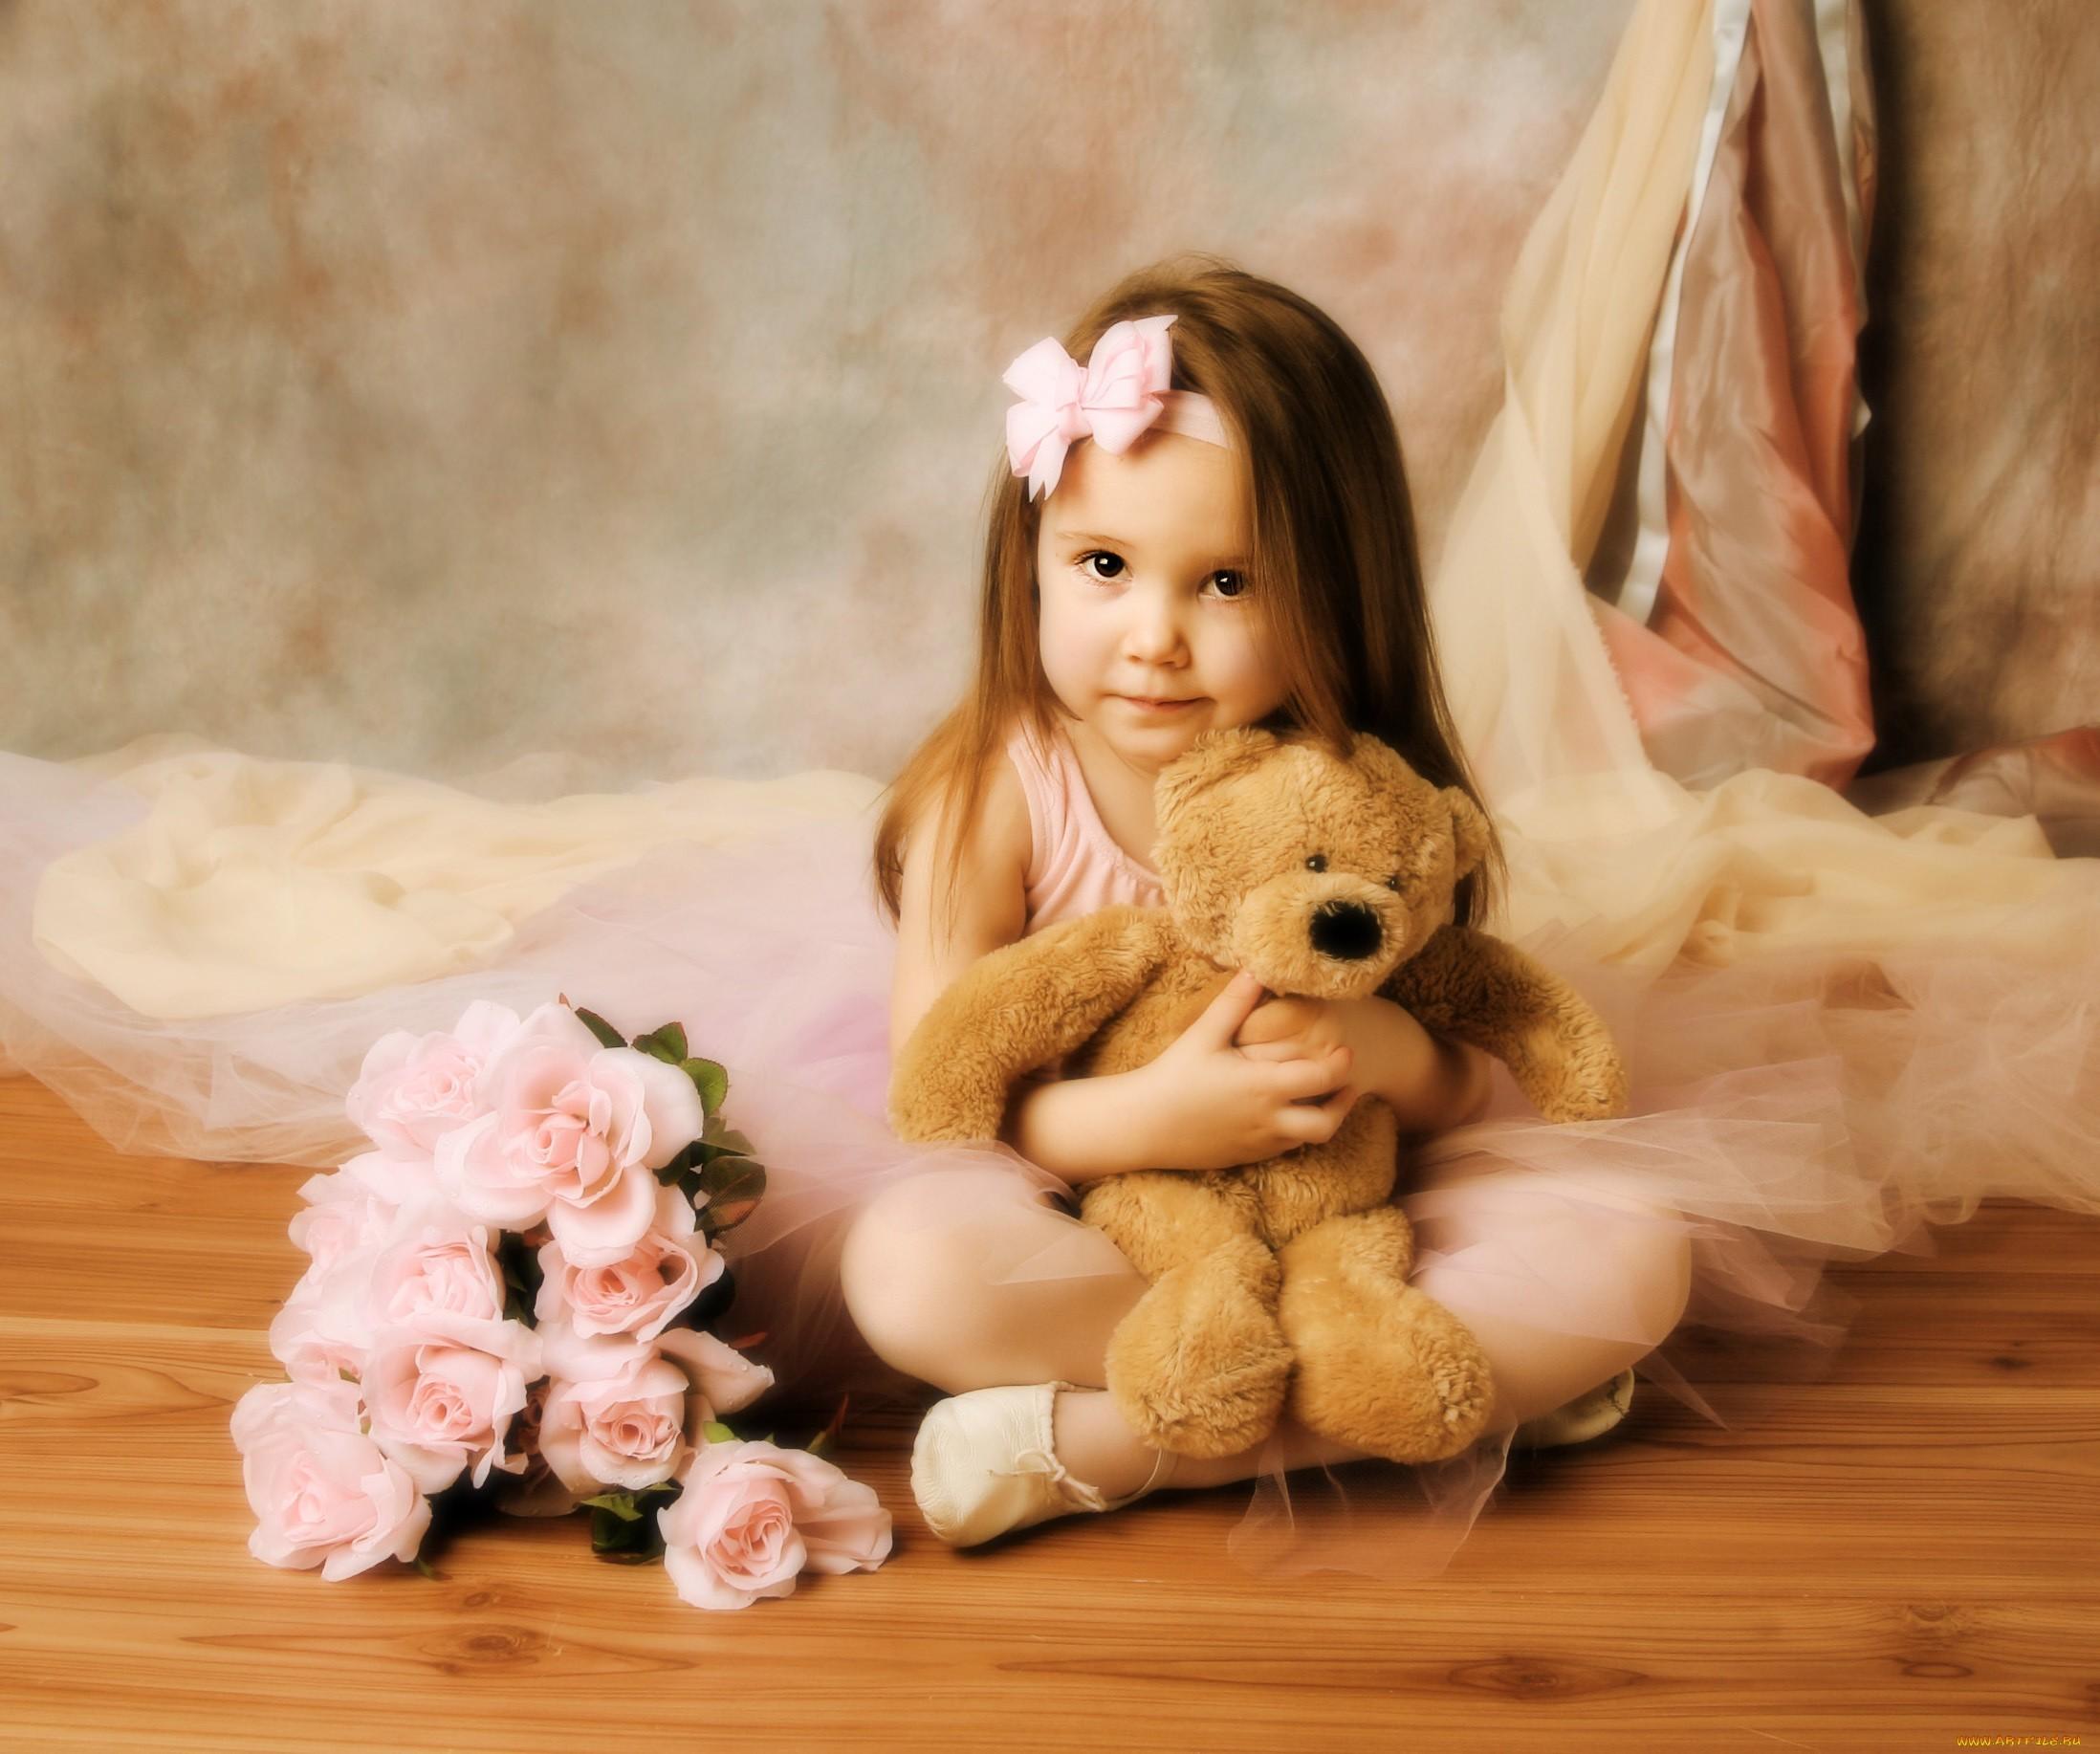 Фото девочек маленких секс 22 фотография